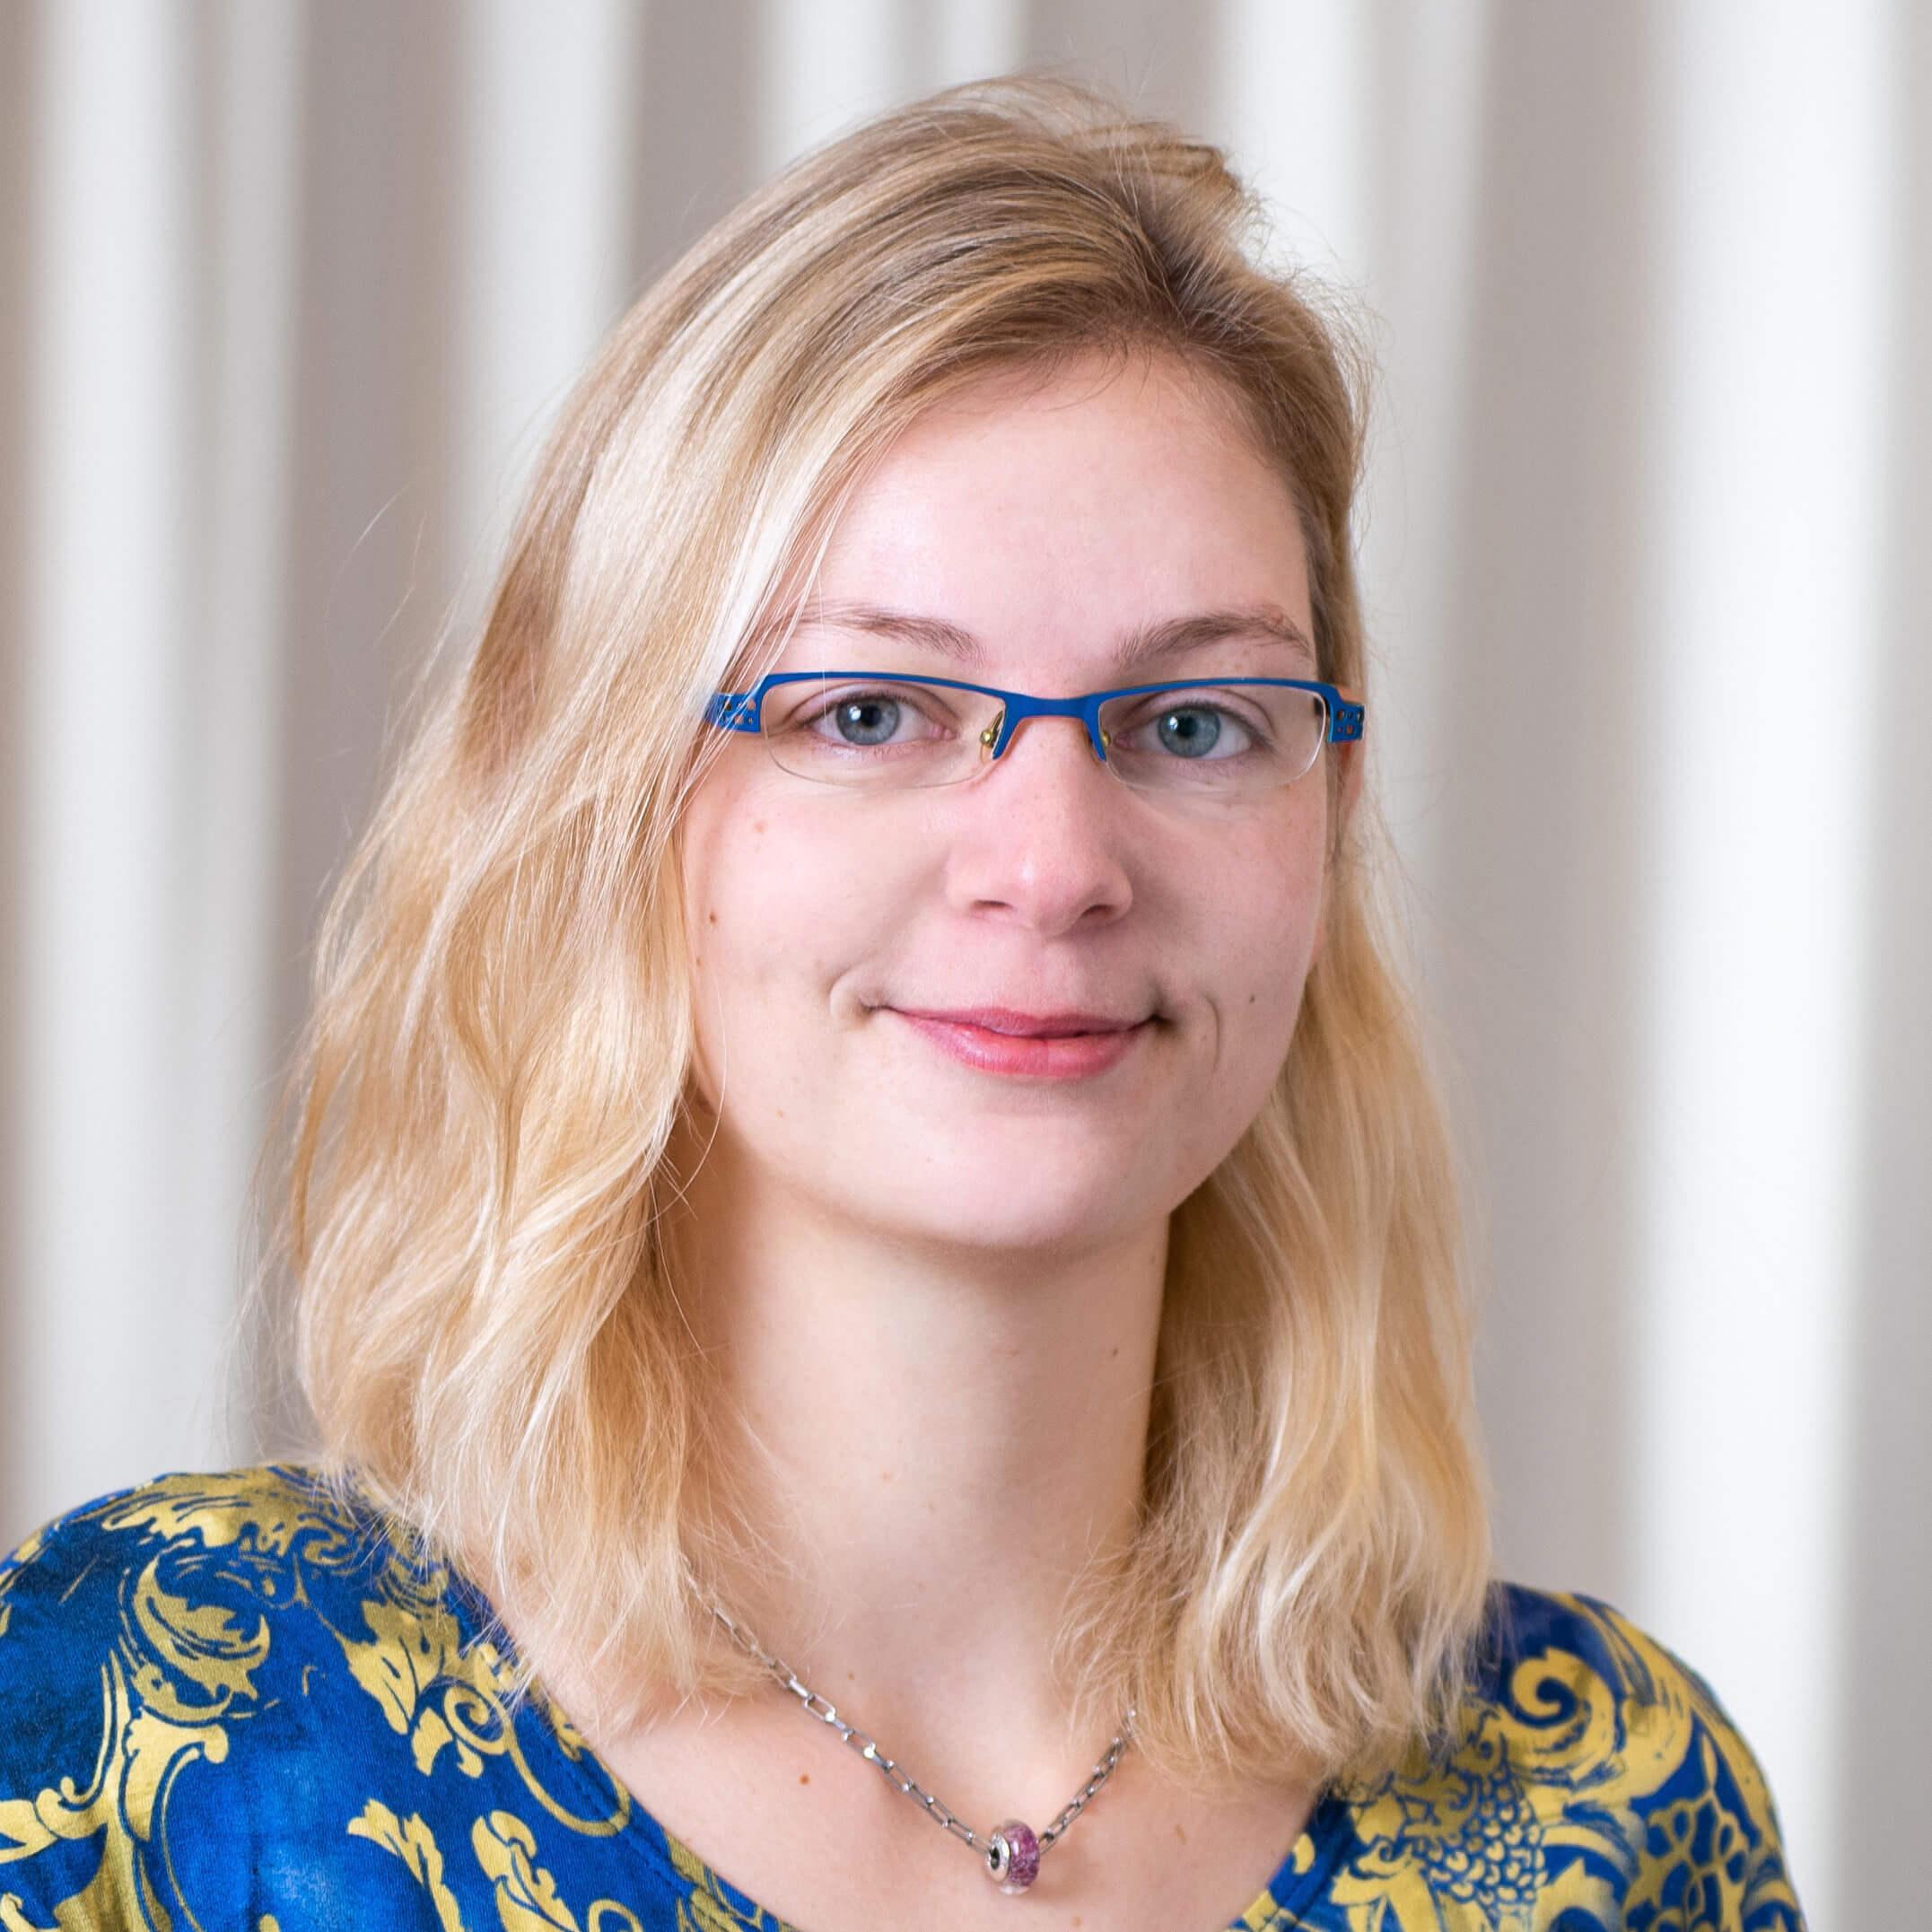 Jana Safira Nováková